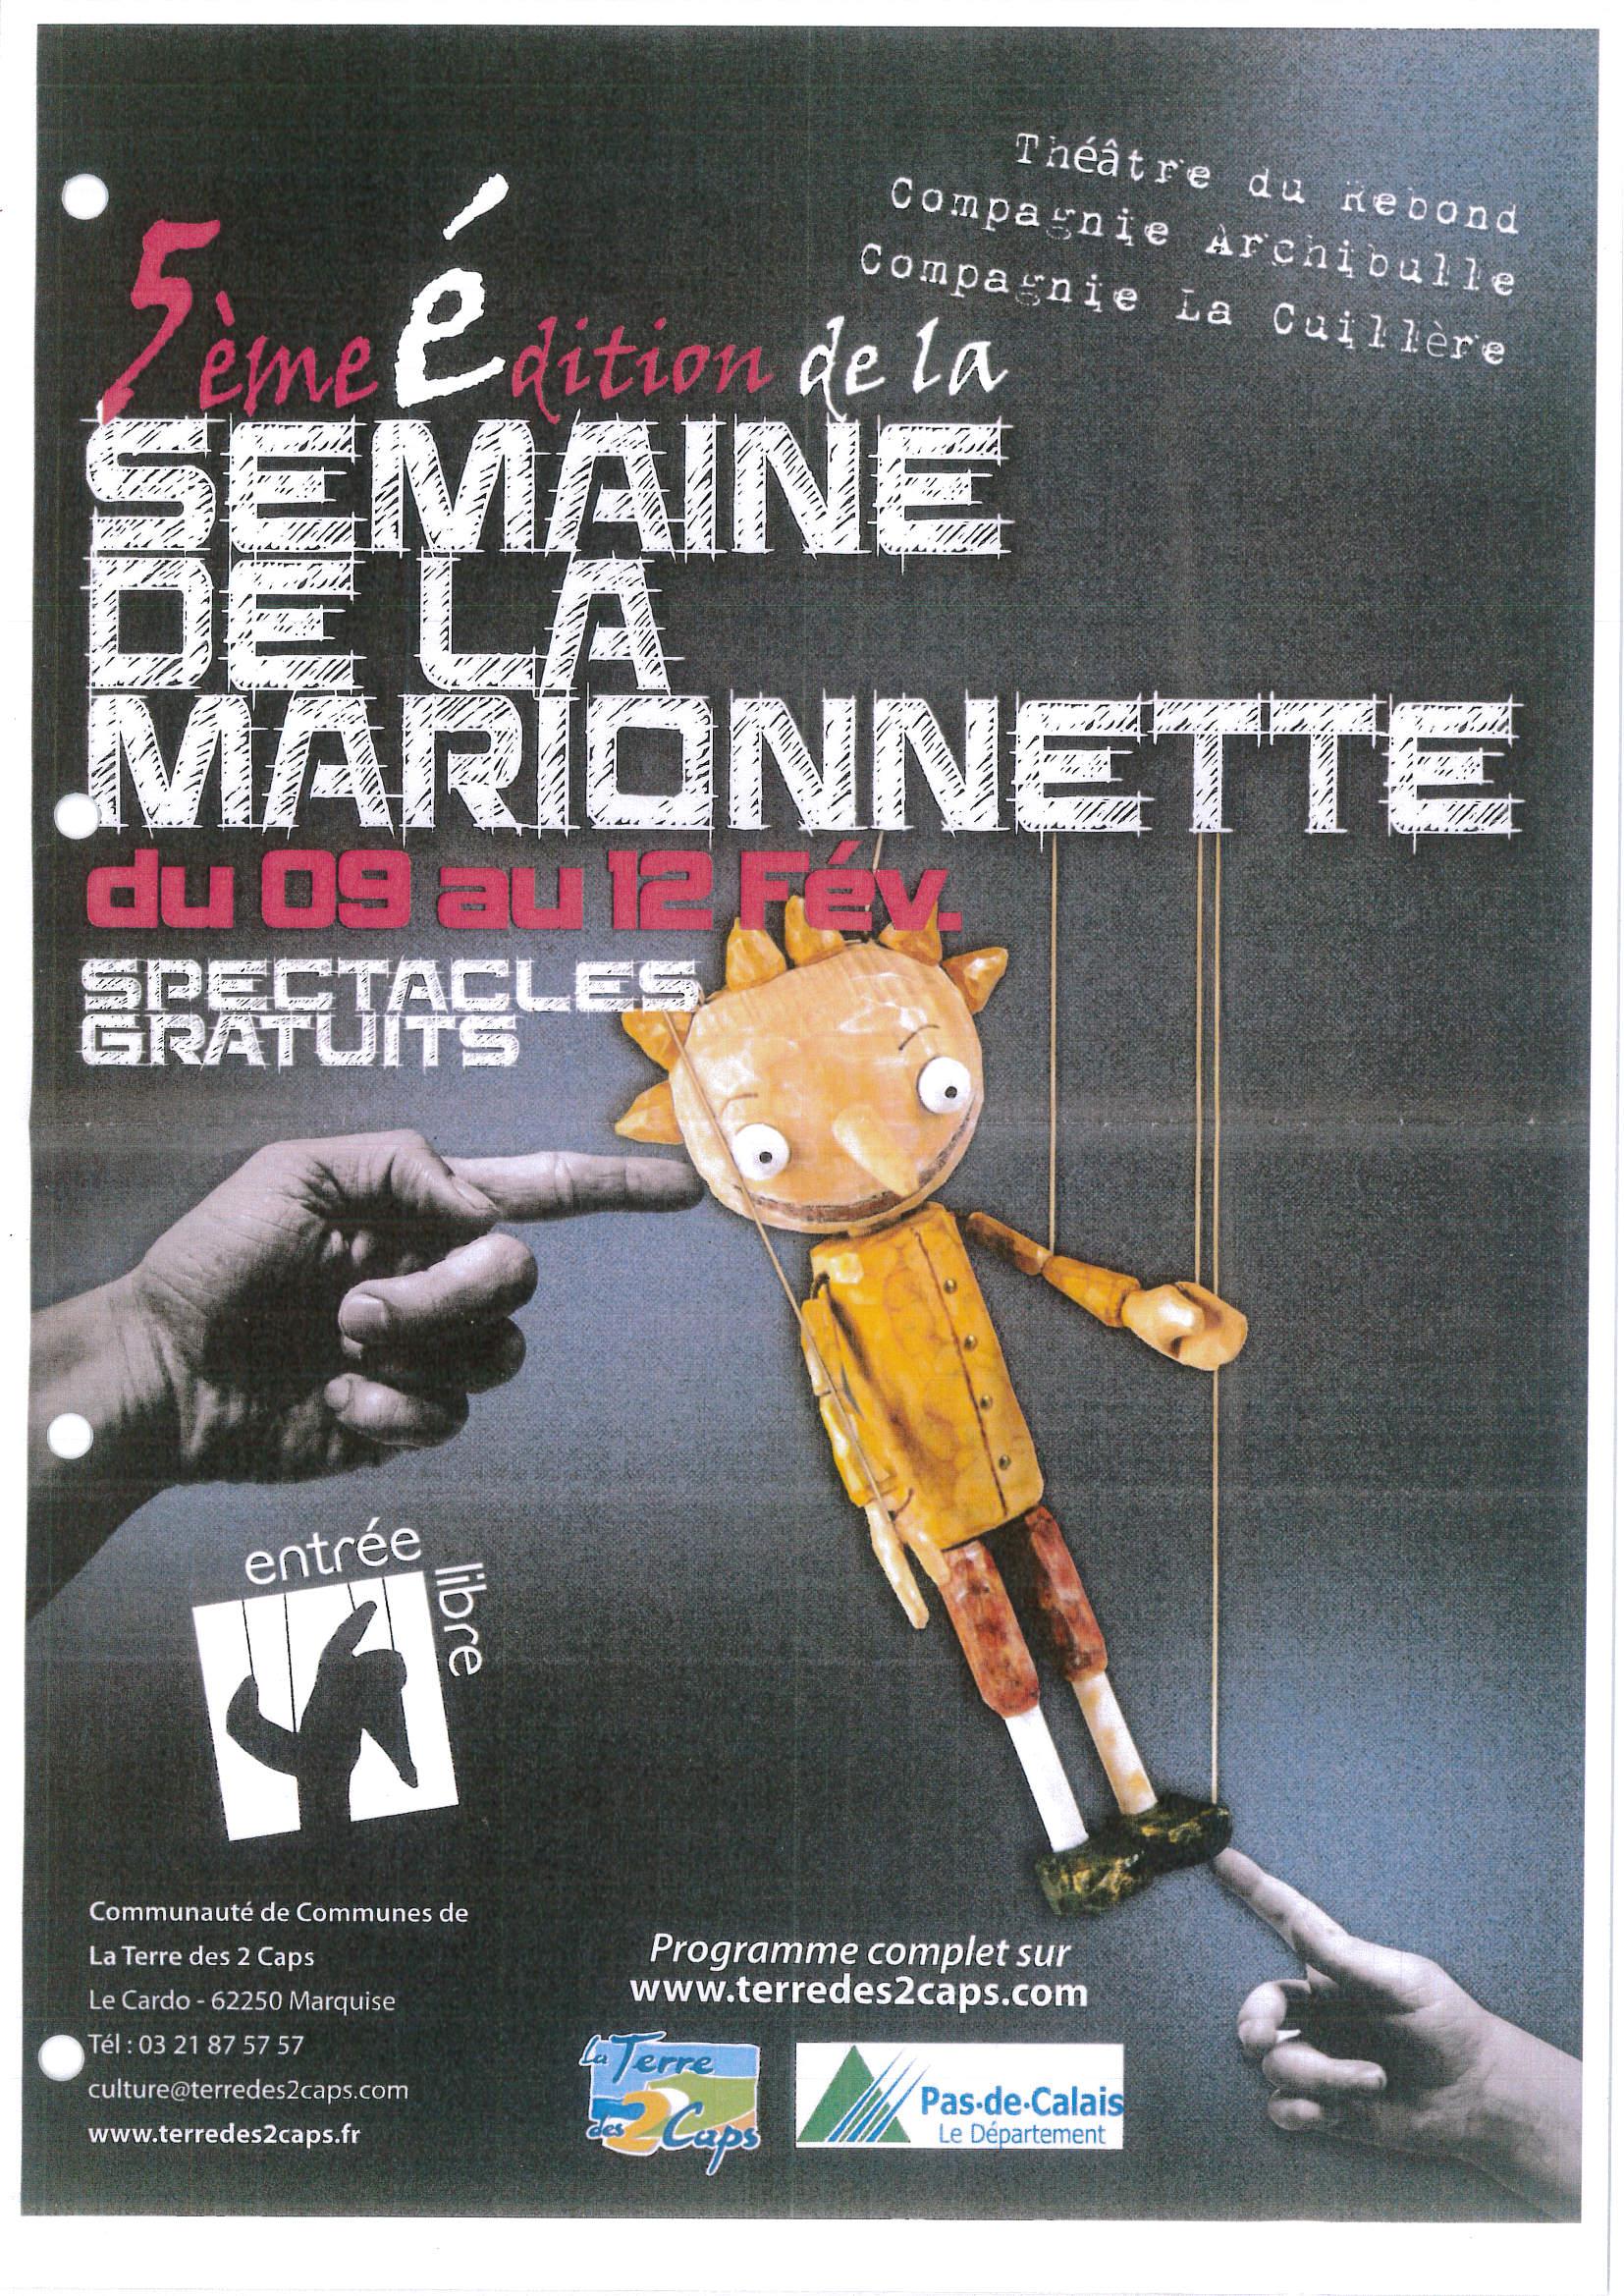 marionnette_001.jpg